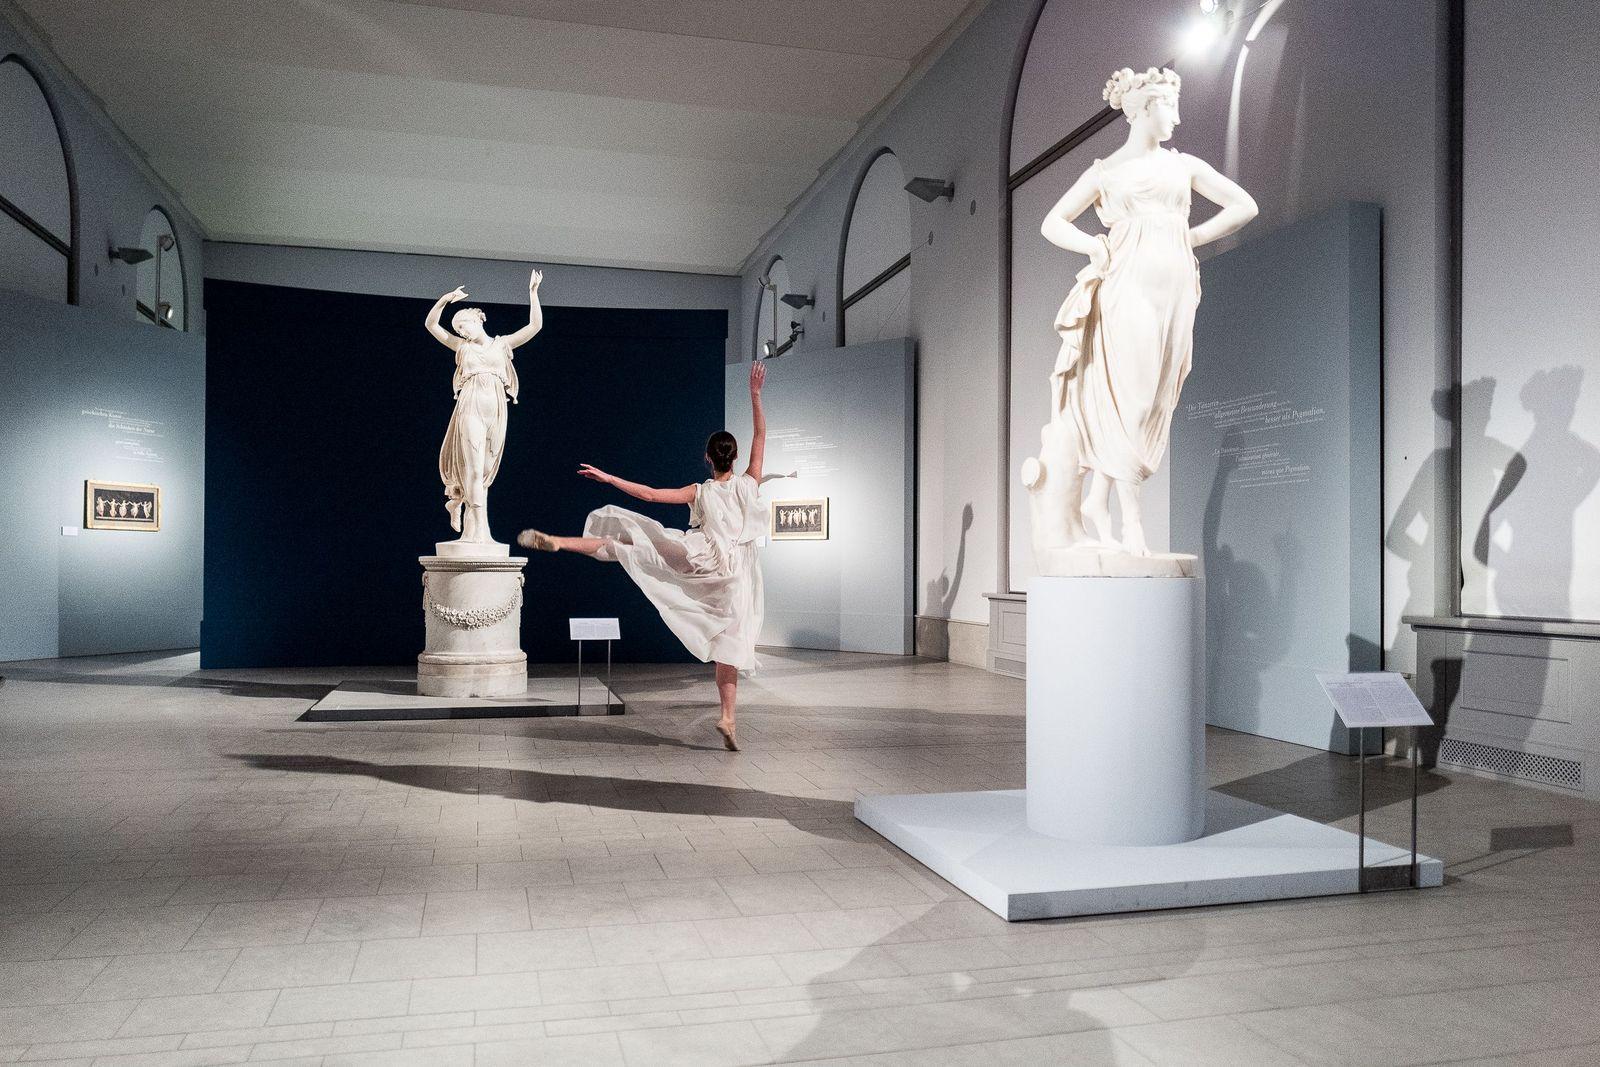 """Ein Highlight des Abends war der Tanz der """"echten"""" Tänzerin Alicia Ruben vom Staatsballett Berlin. Foto: Christoph Neumann, www.christoph-neumann.com"""